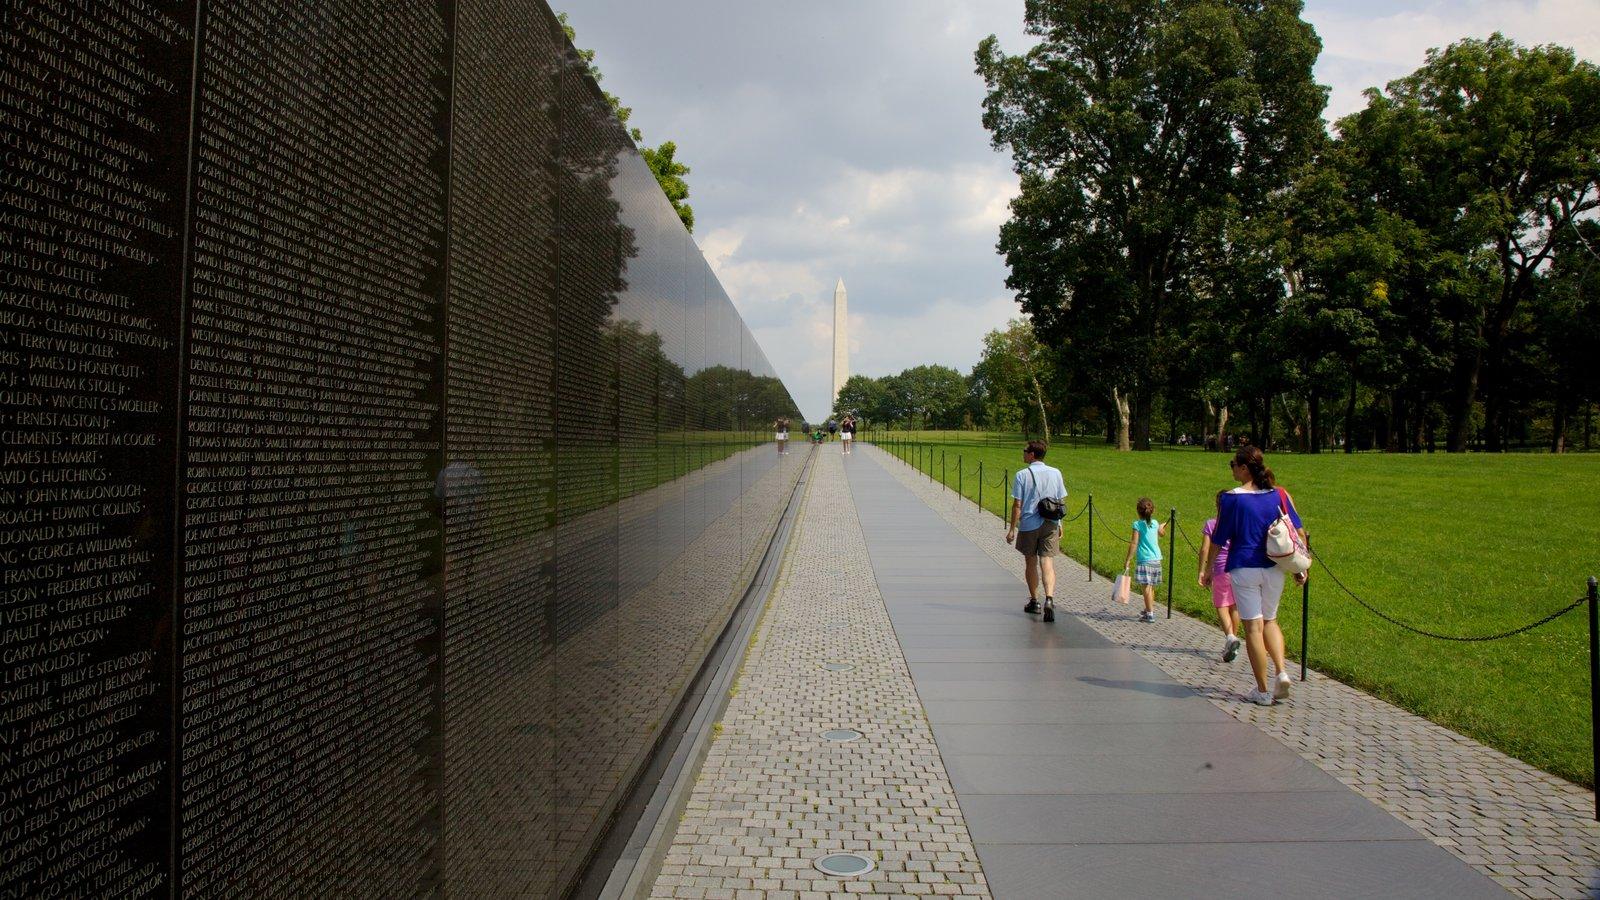 Vietnam Veterans Memorial que inclui um memorial, paisagem e um parque